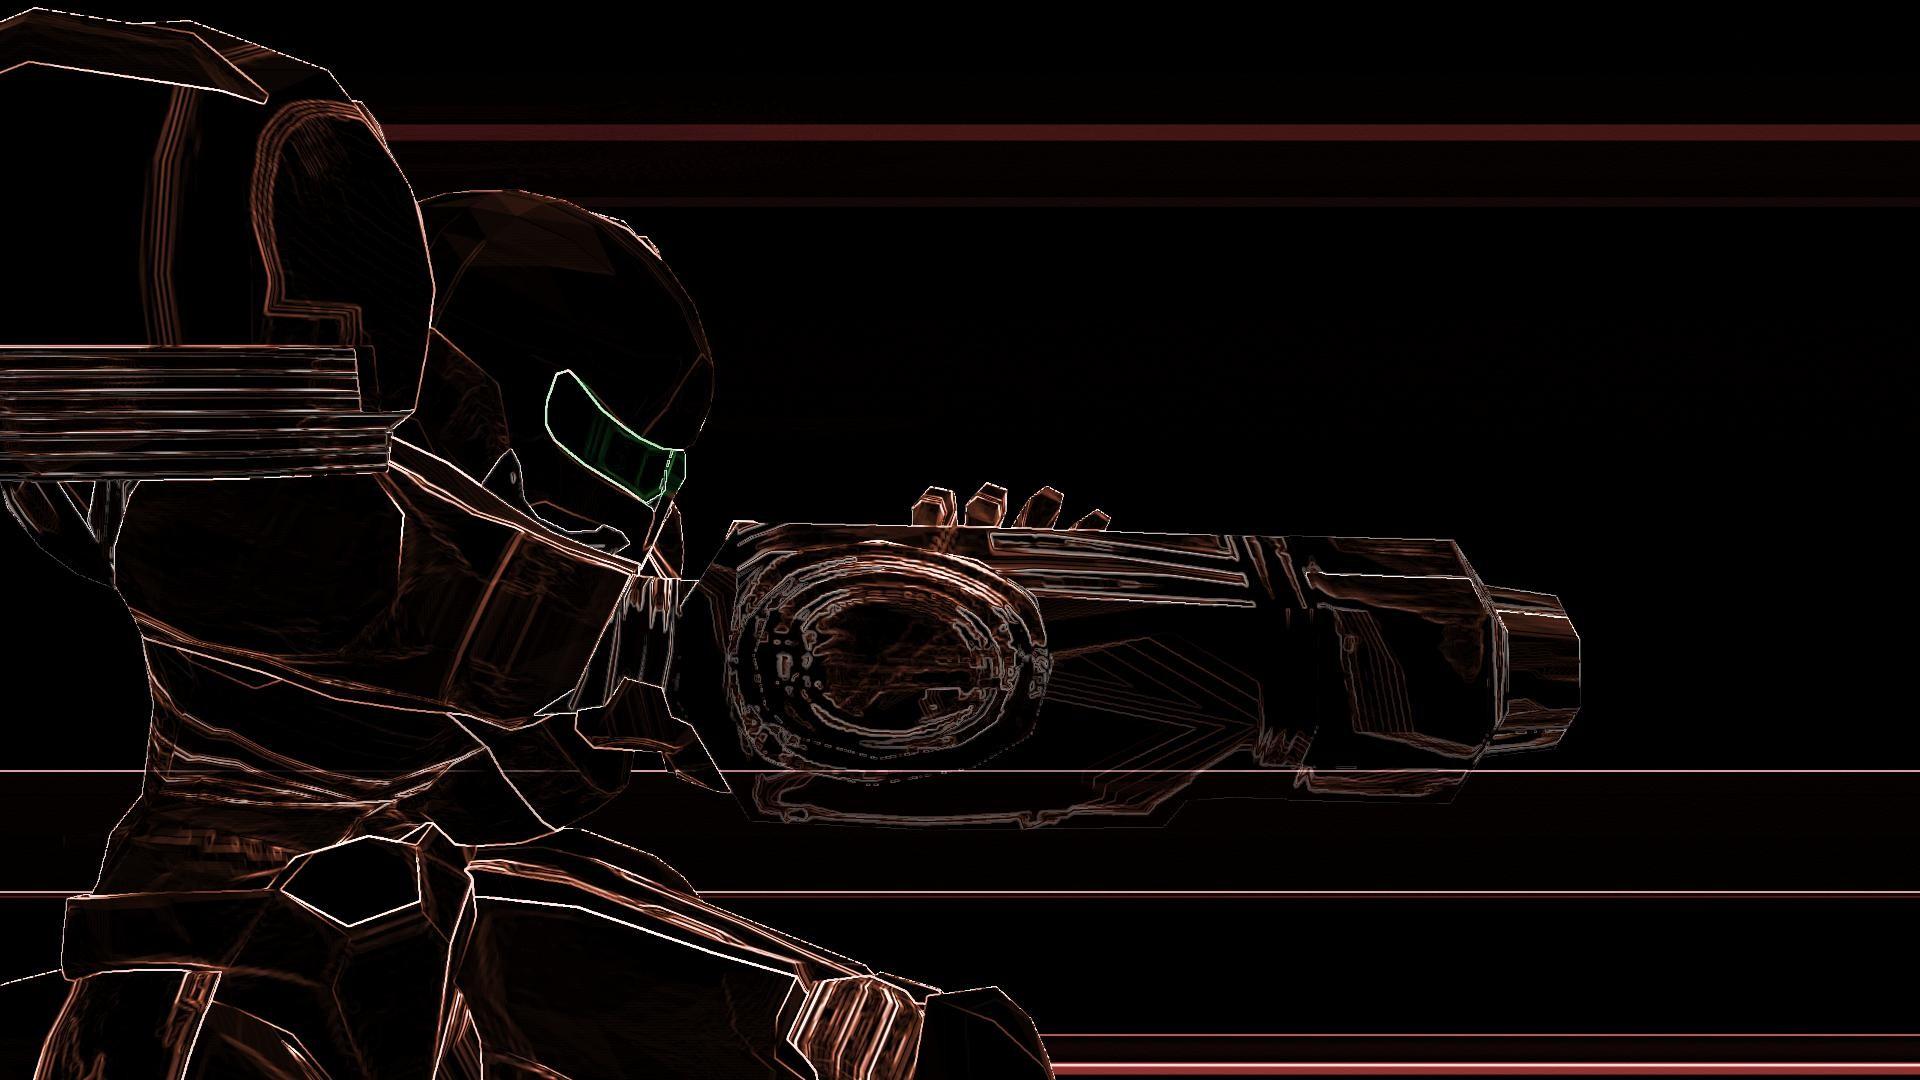 Neon-Metroid-Wallpaper-by-MachRiderZ